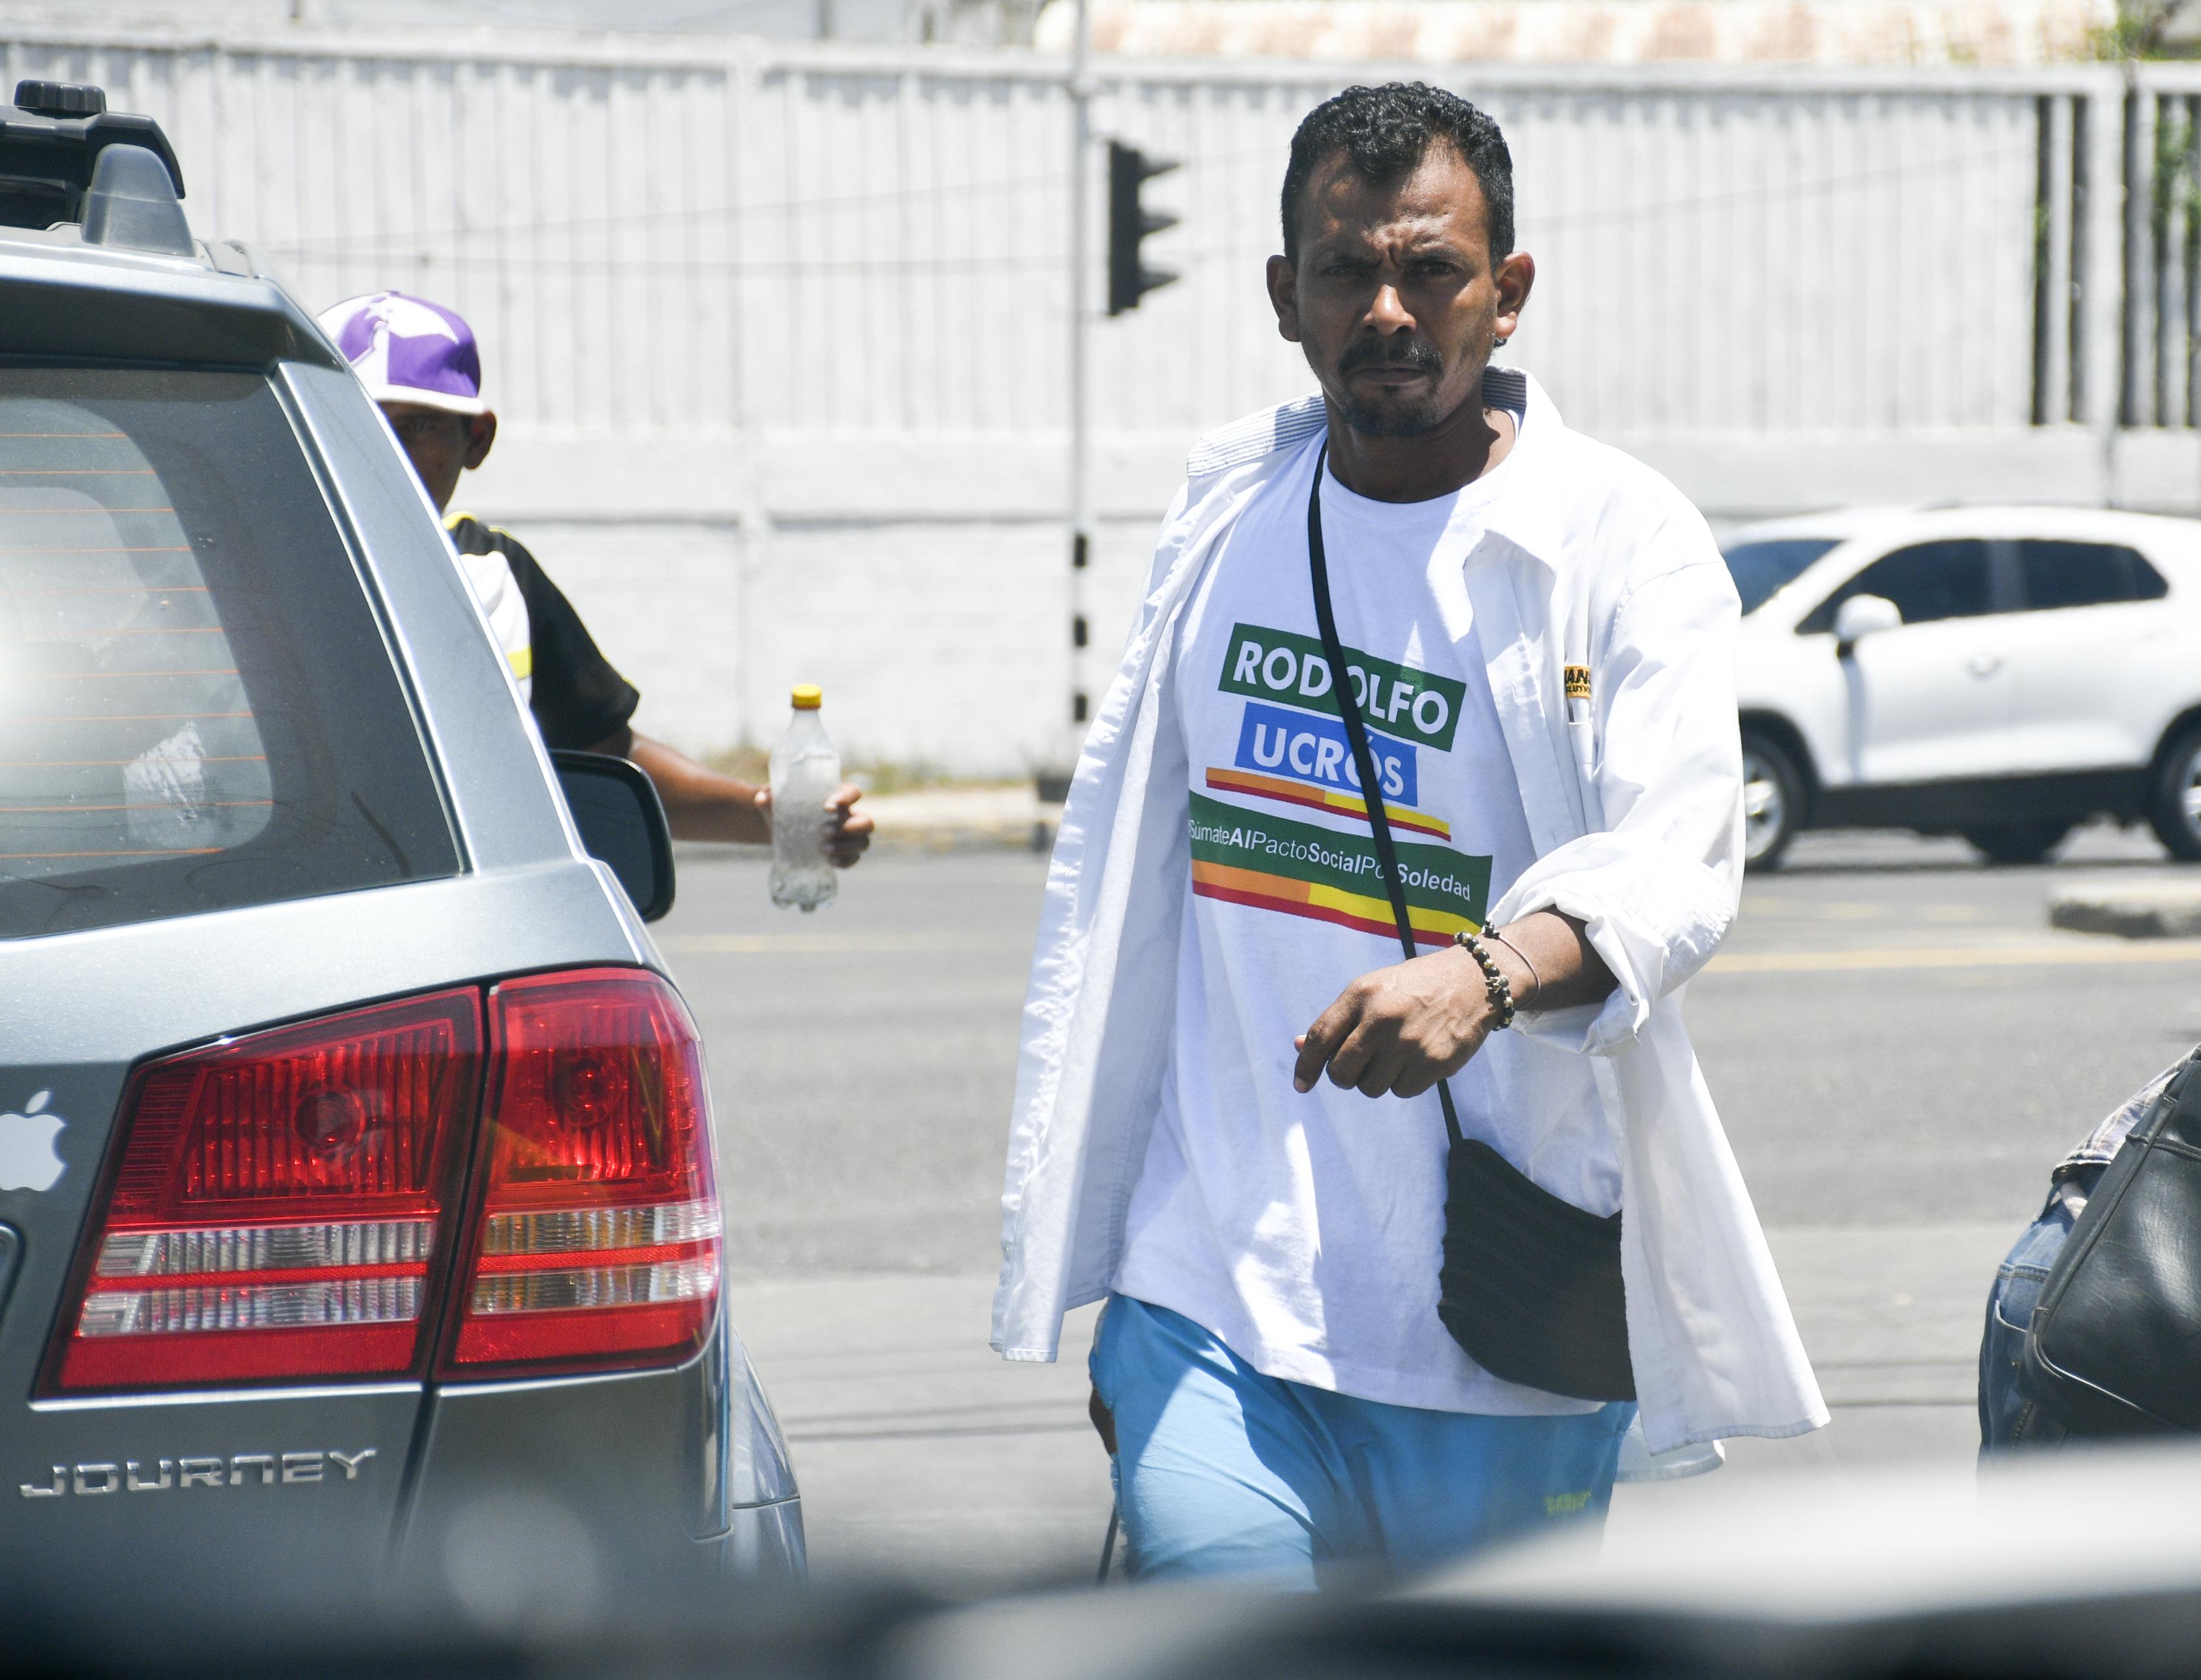 Algunos vendedores informales con camisas alusivas.